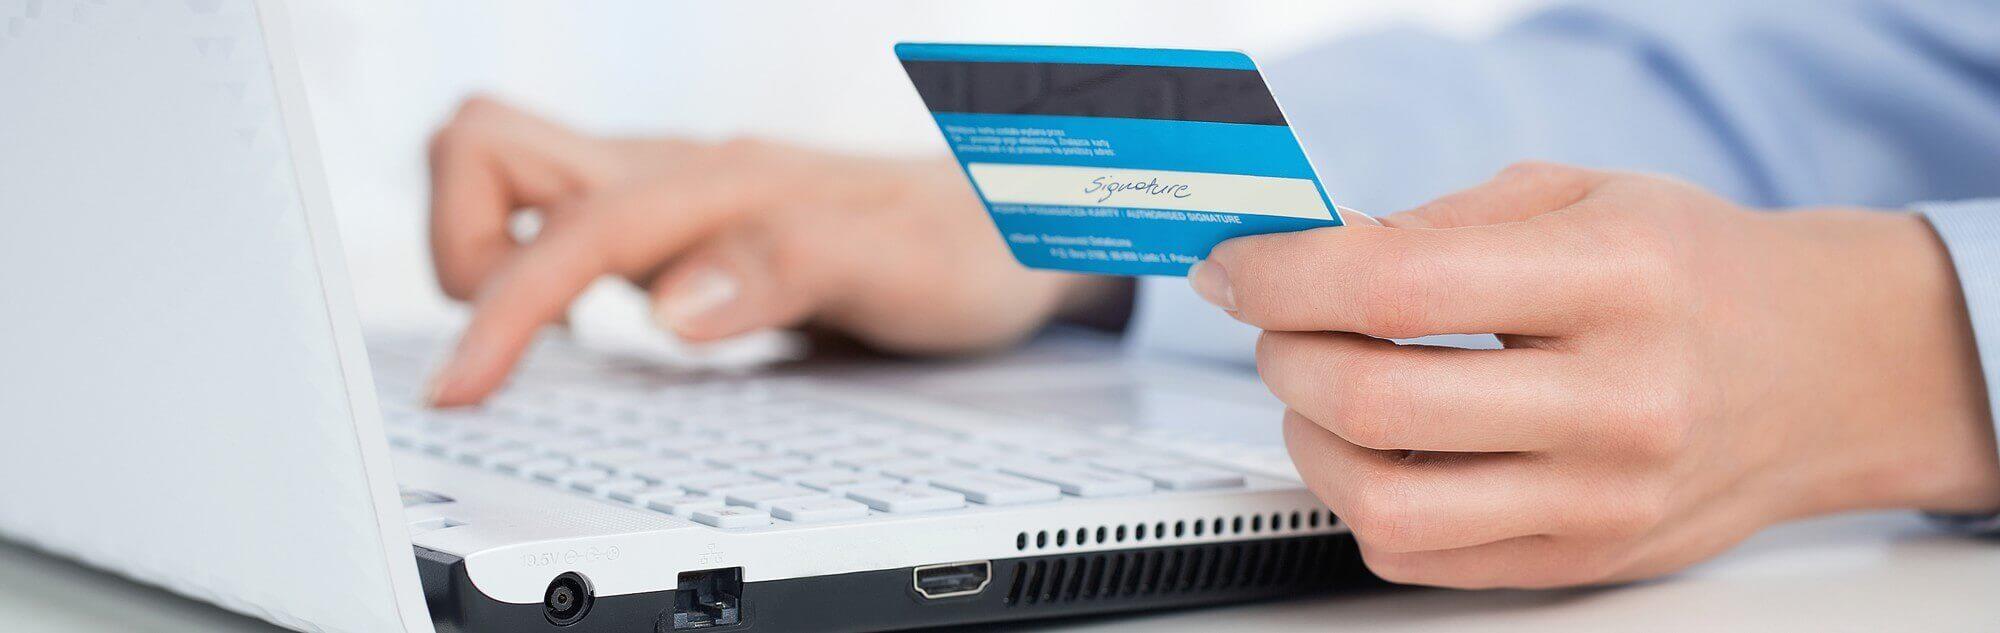 metodi-di-pagamento-online